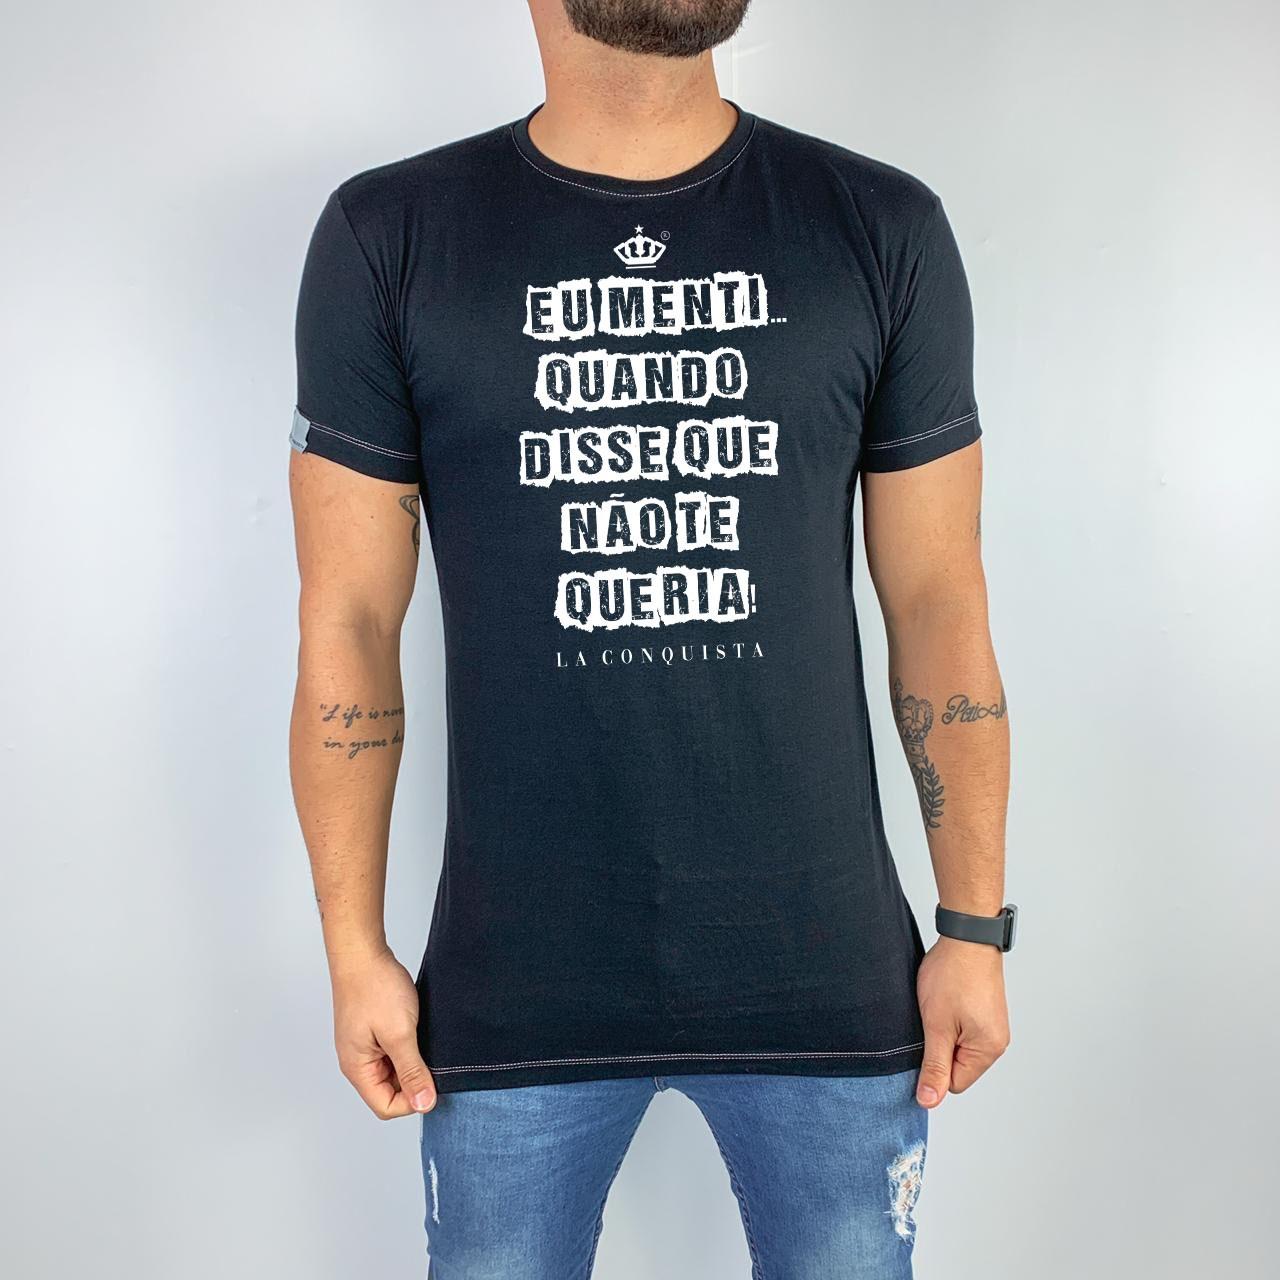 Camiseta Eu menti...